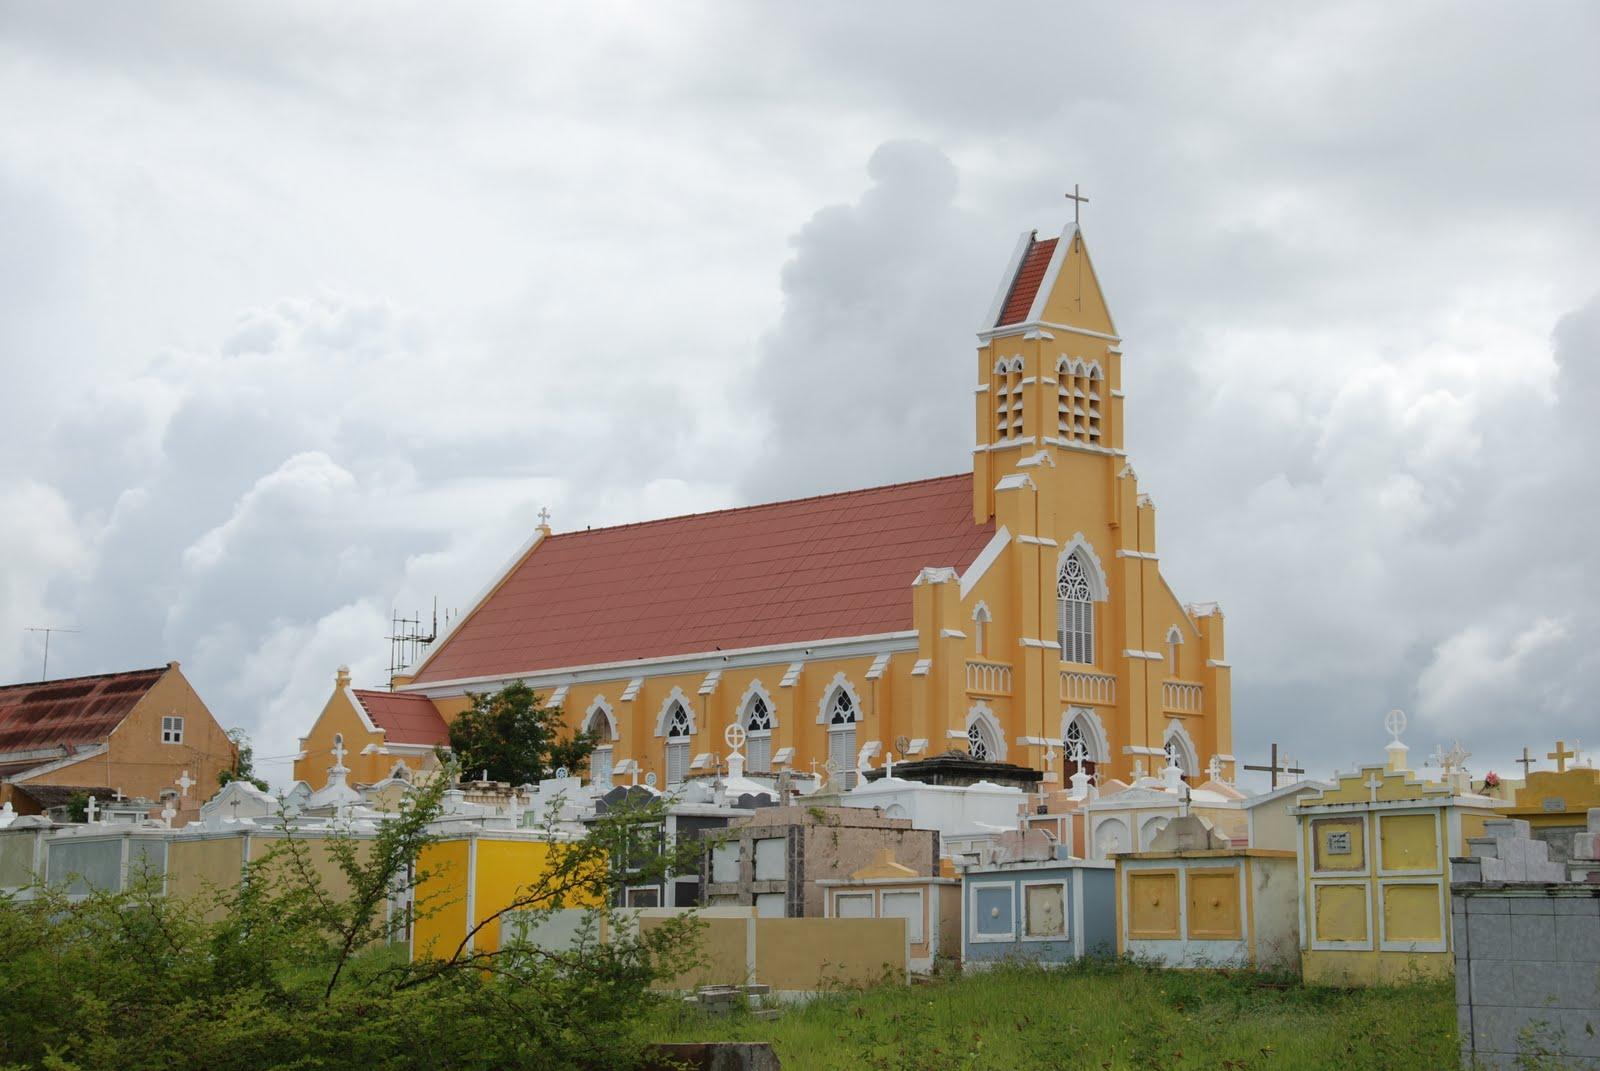 Dan Ladue: El Caribe: Curacao and Aruba